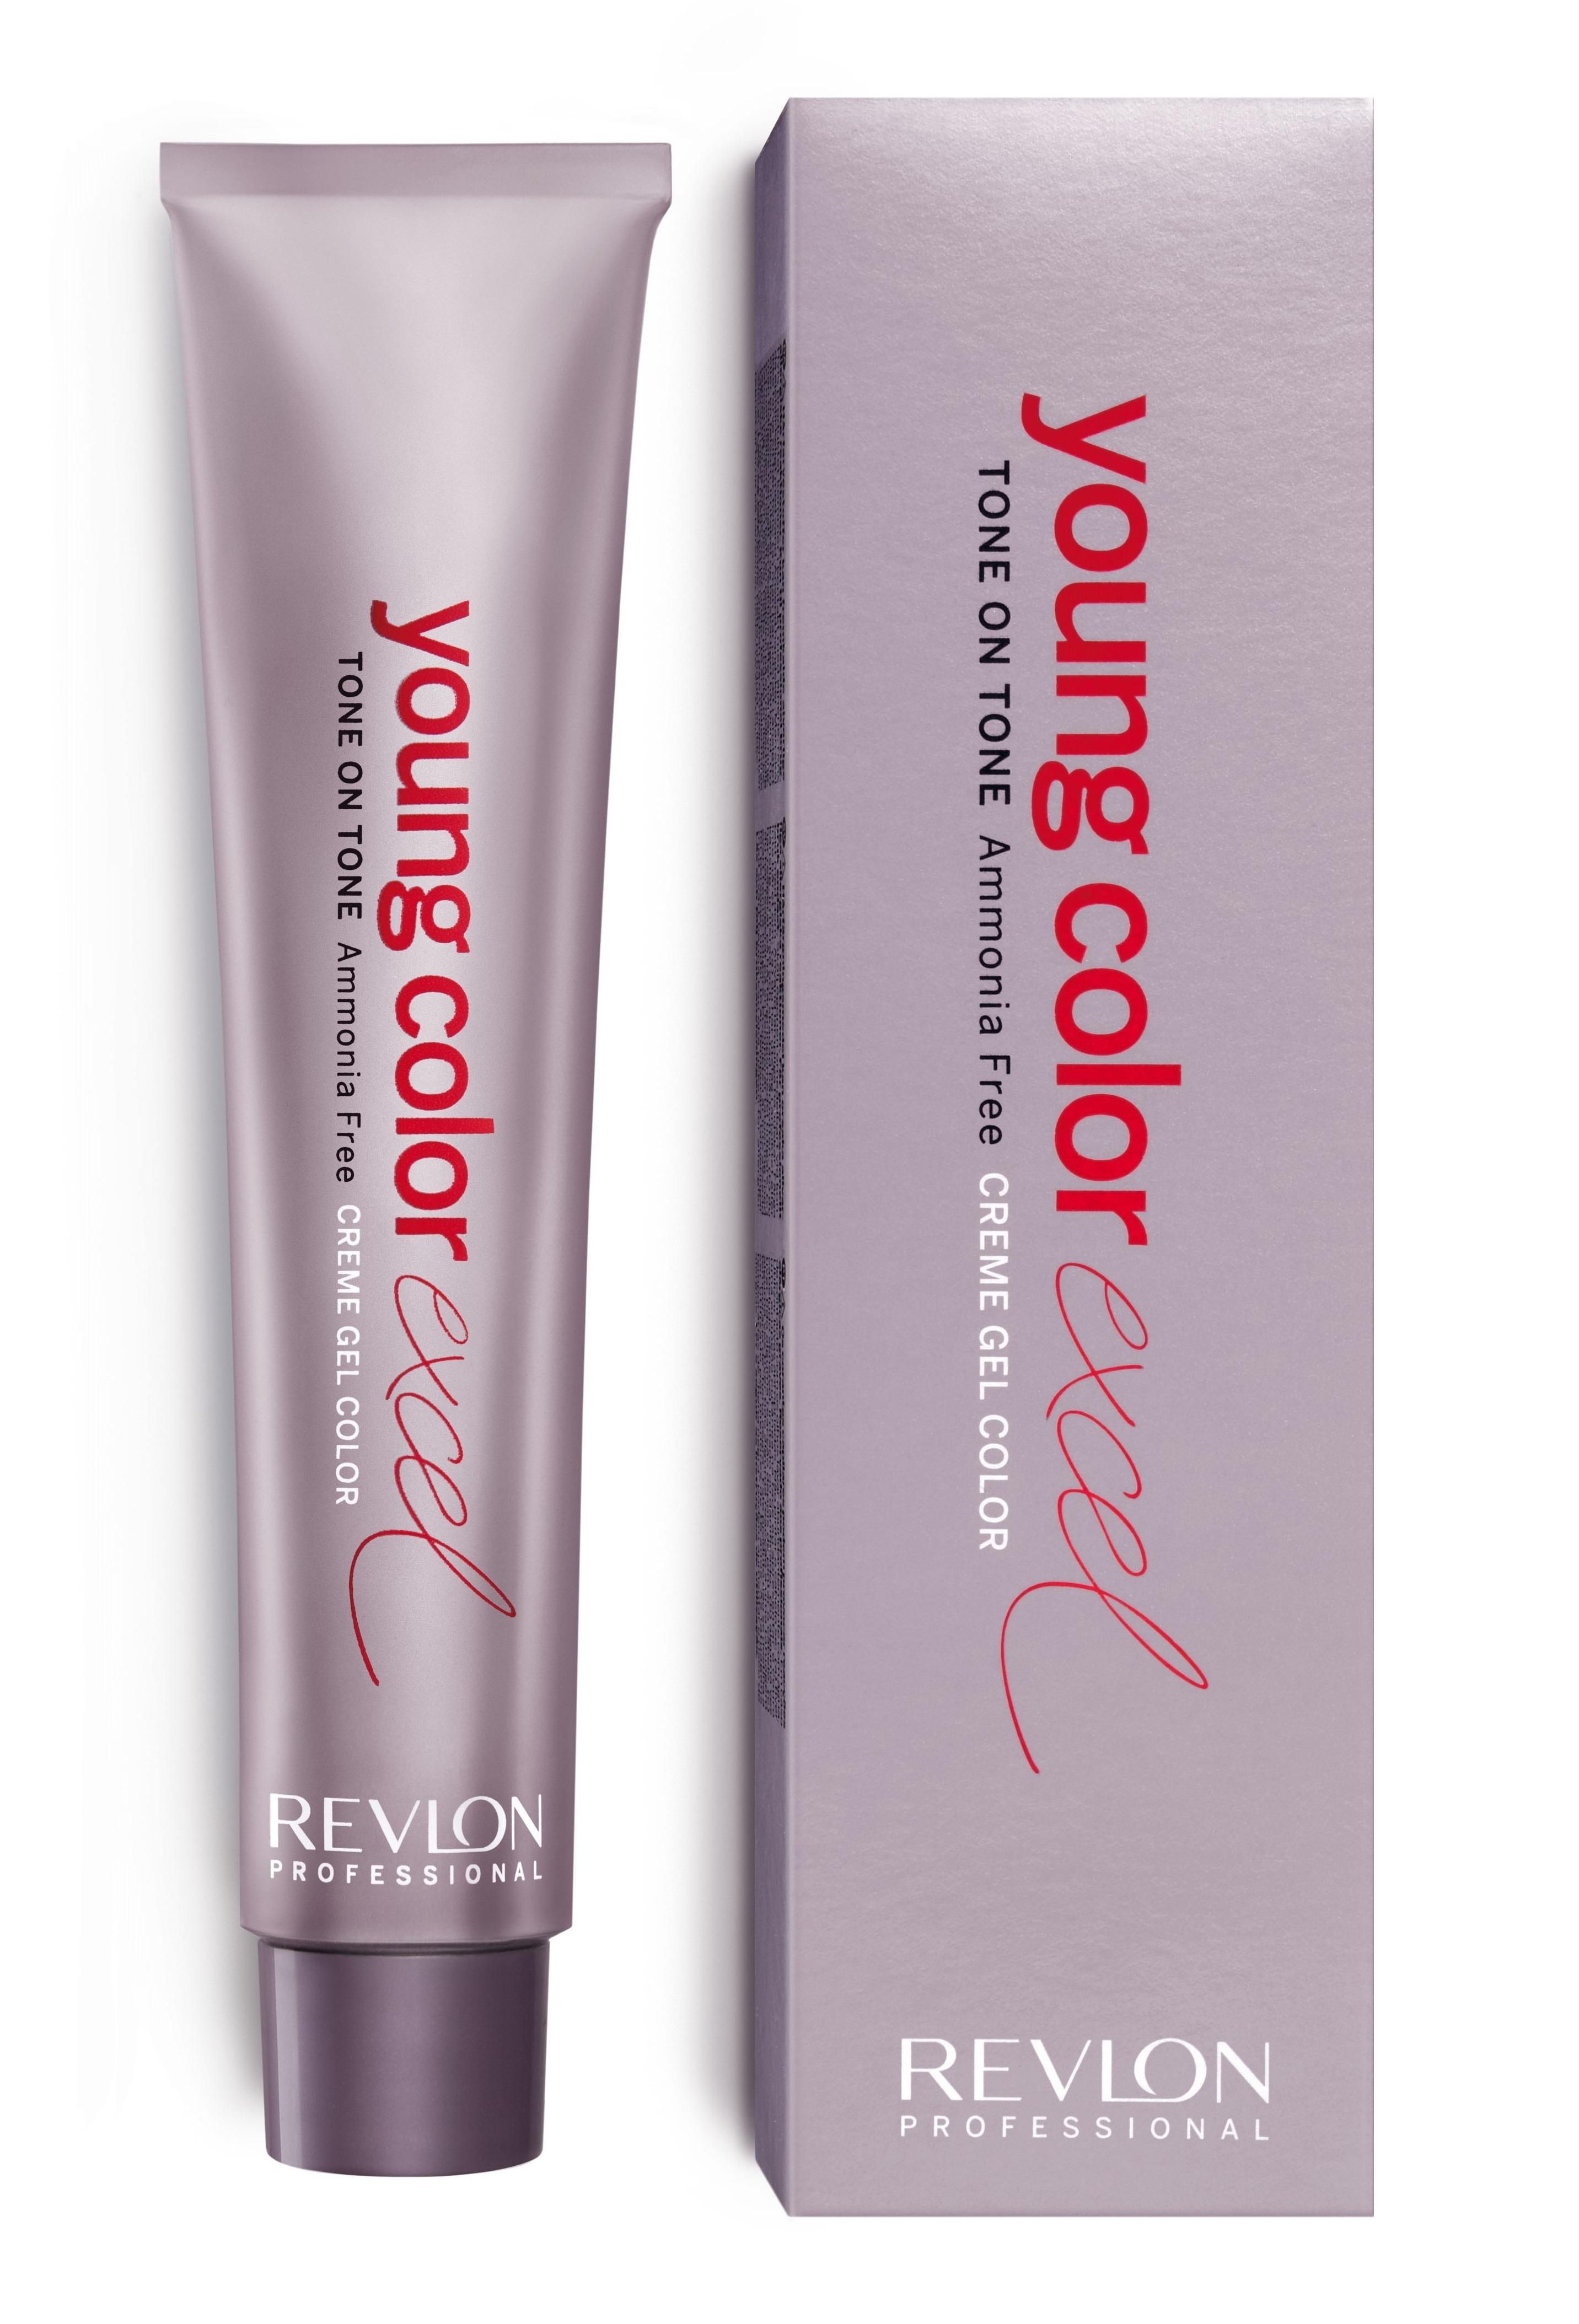 Revlon professional 5 крем-гель полуперманентный, светло-коричневый / young